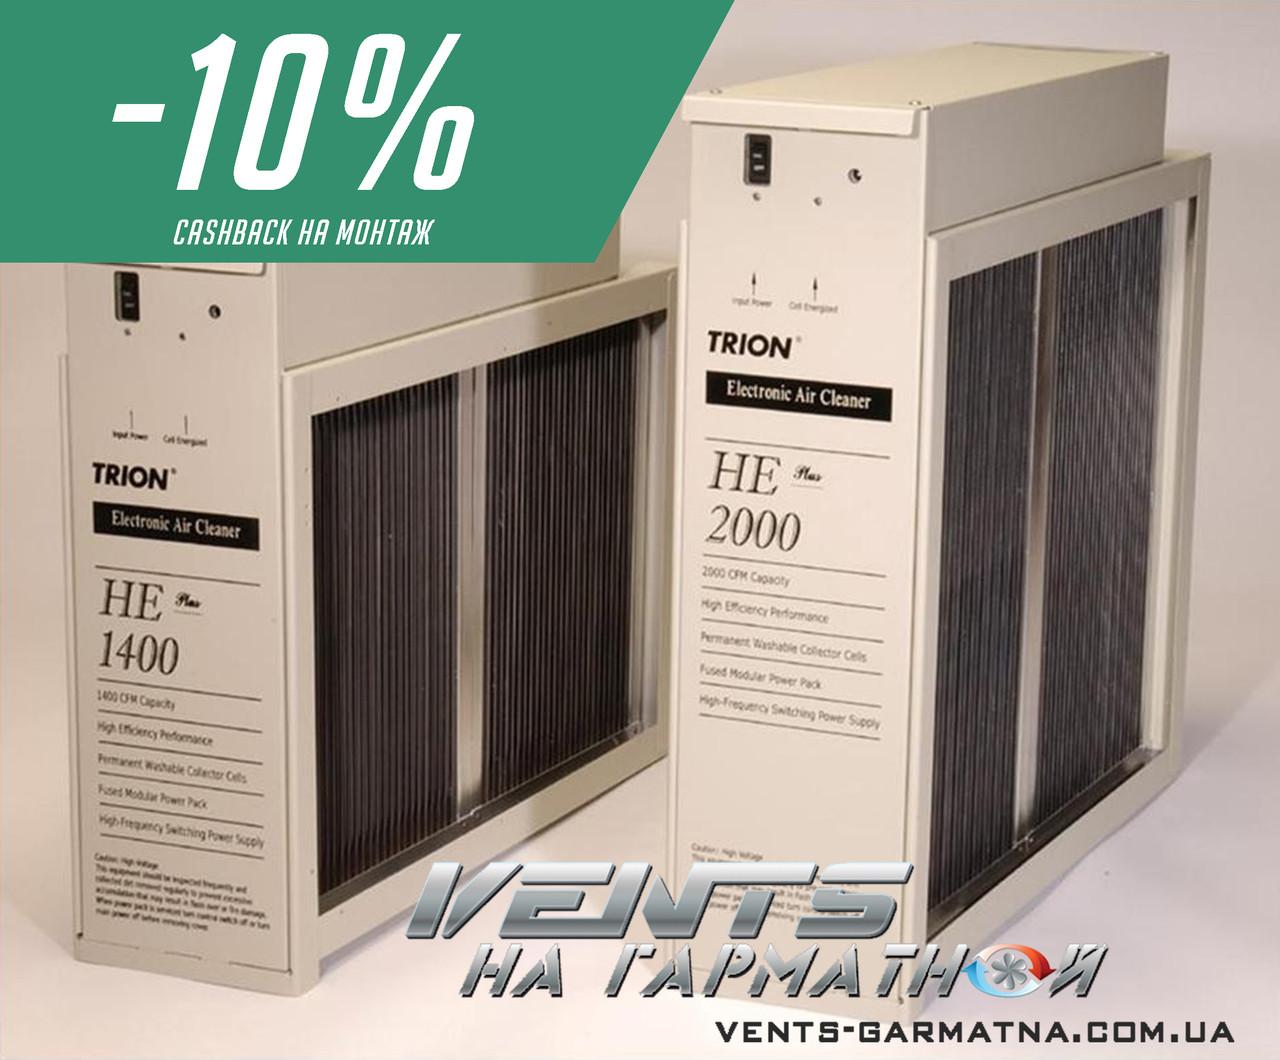 TRION HE Plus 1400. Єлектростатический коммерческий канальный воздухоочиститель